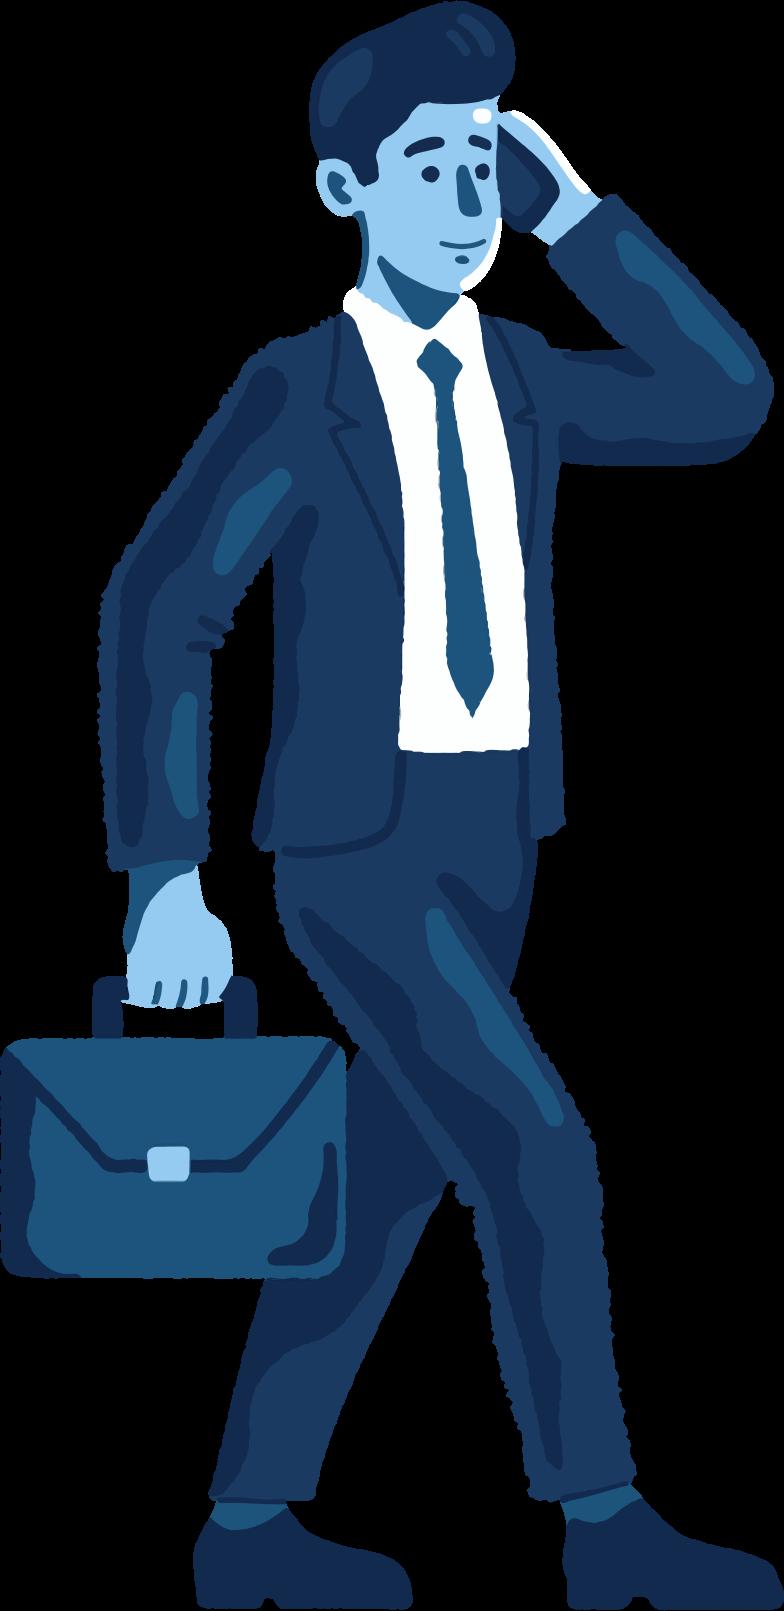 enterpreneur Clipart illustration in PNG, SVG